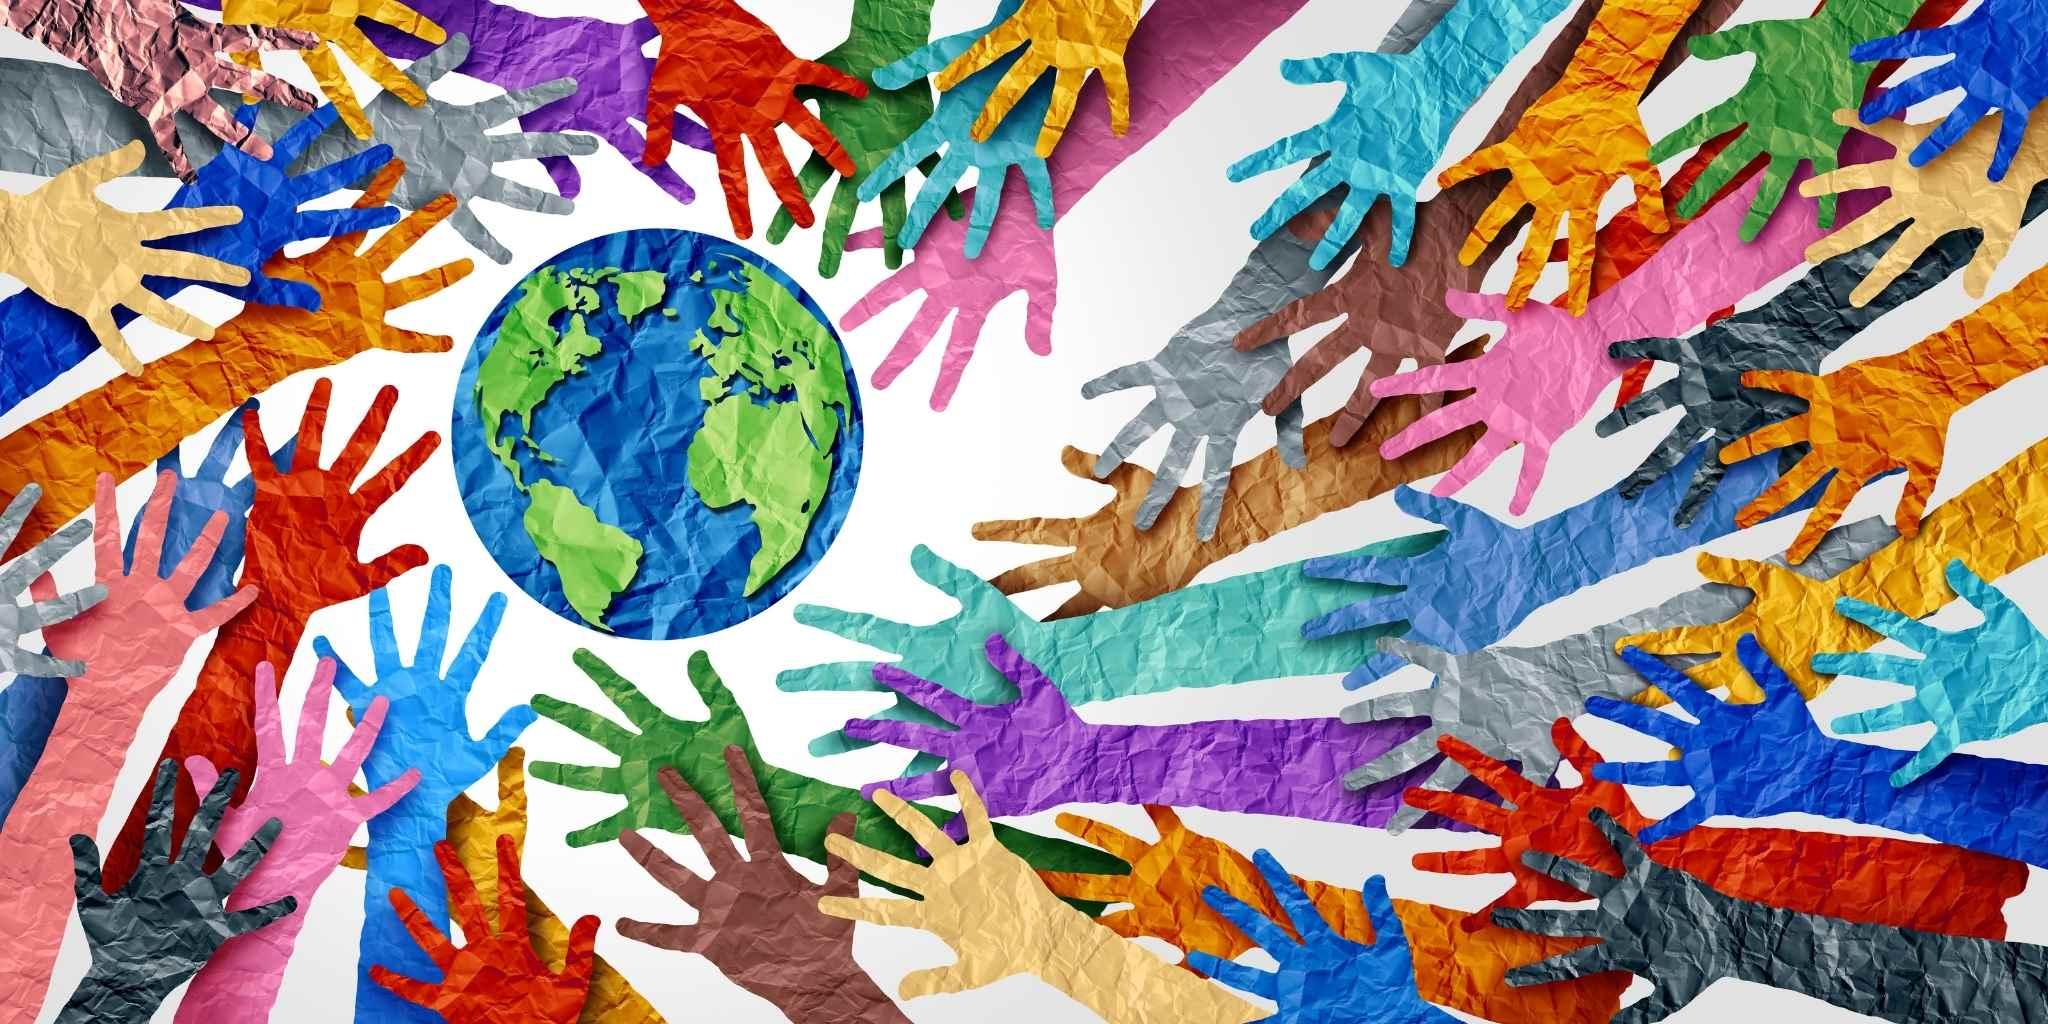 Kultūrinė įvairovė - kaip apie ją kalbėtis su vaikais